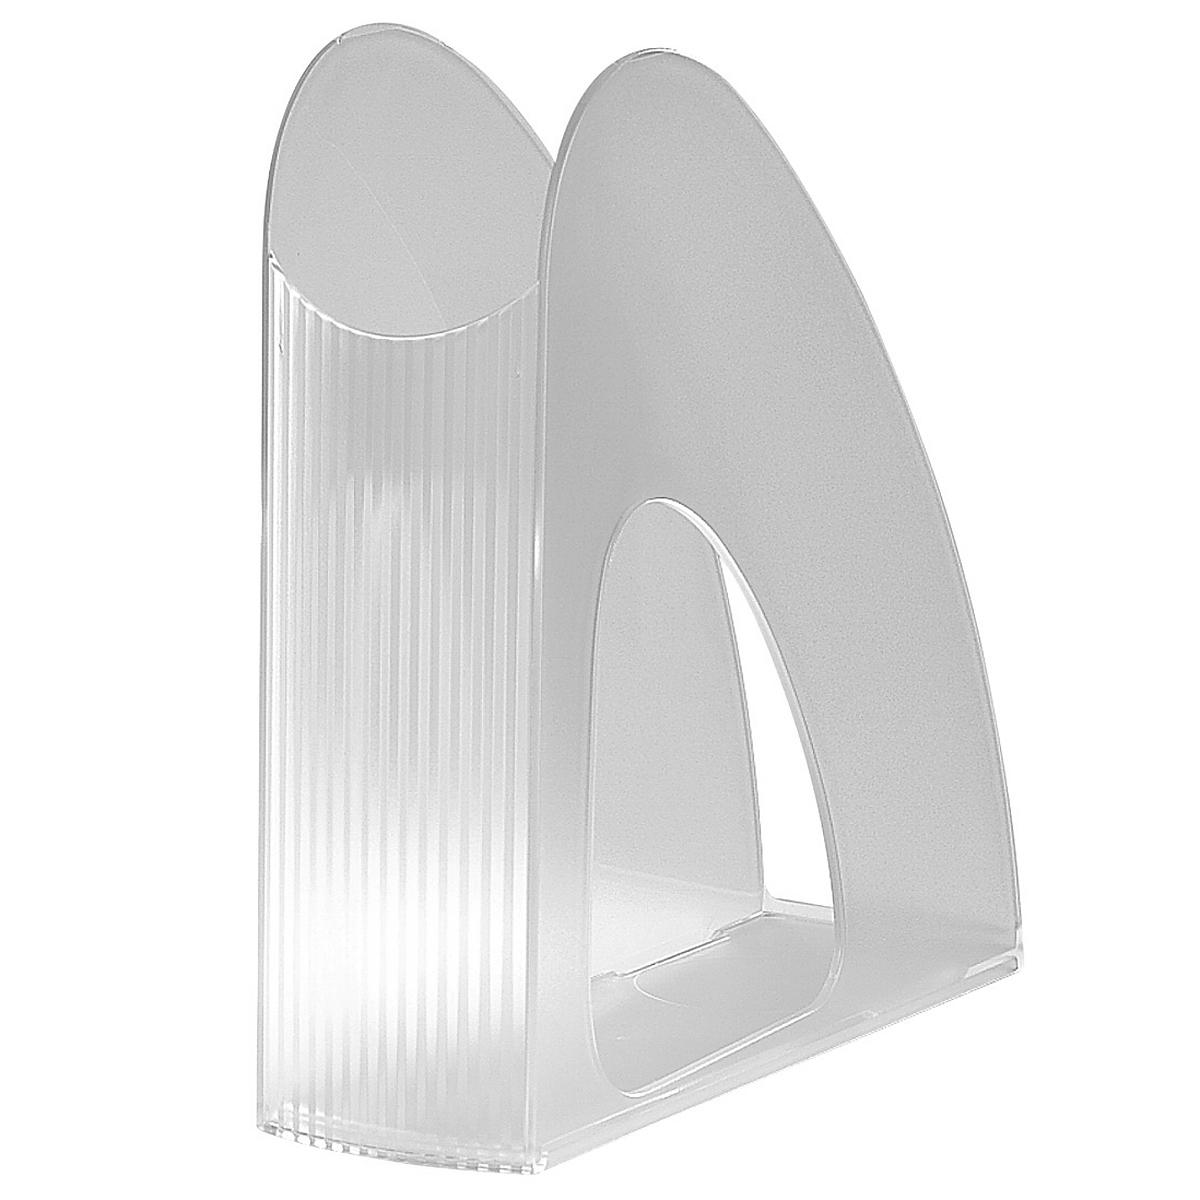 Лоток для бумаг вертикальный HAN  Twin , прозрачный, цвет: белый - Лотки, подставки для бумаг